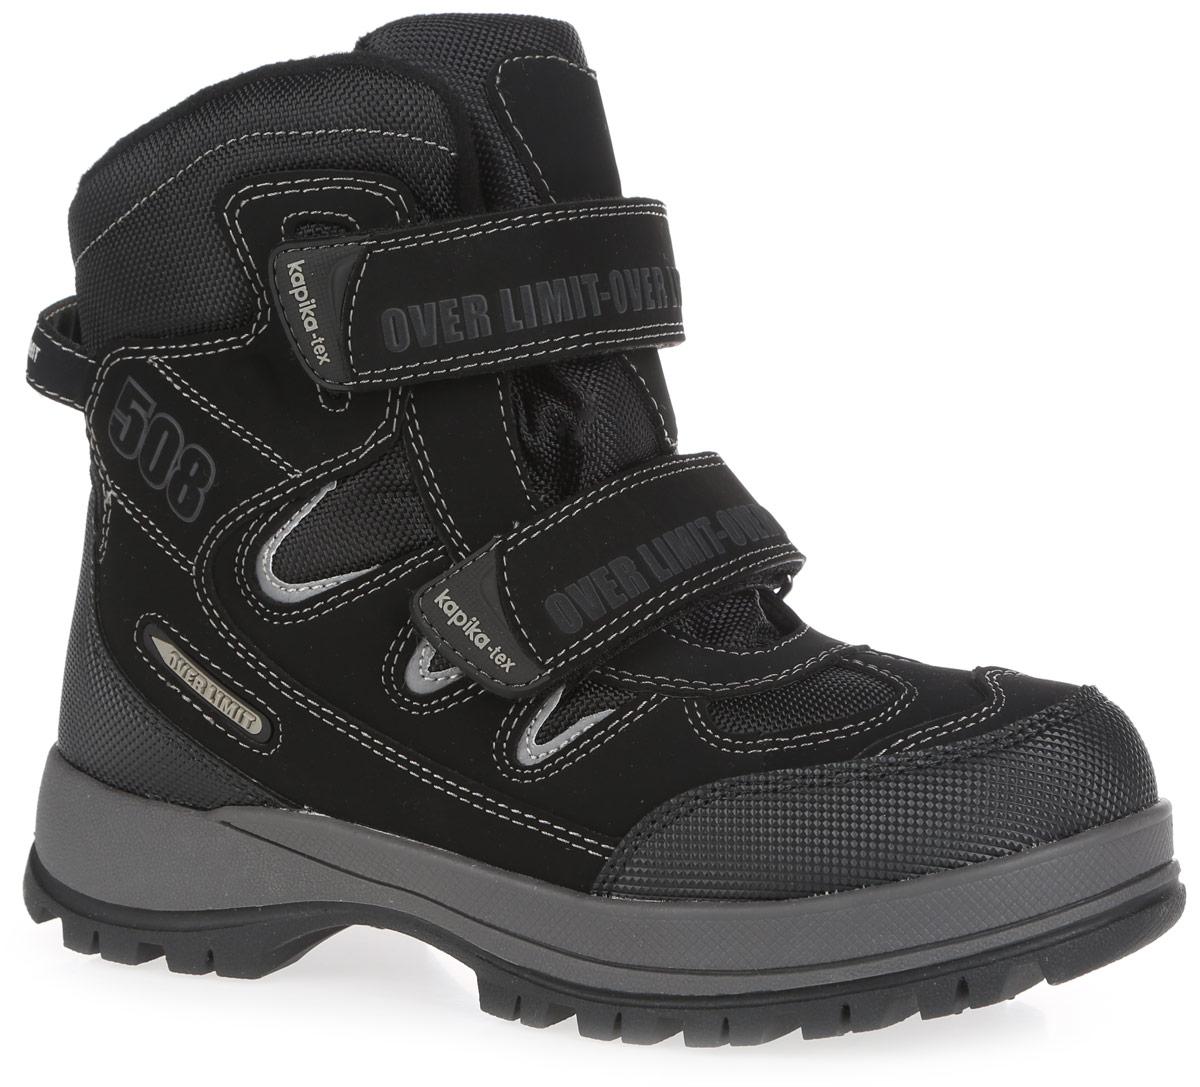 Ботинки для мальчика. 44152-144152-1Модные утепленные ботинки от Kapika согреют ноги вашего мальчика в холодную погоду. Ботинки, выполненные из искусственной кожи и плотного текстиля, оформлены контрастной прострочкой и светоотражающими вставками, сбоку - надписью 508. Мембрана защитит обувь от промокания, обеспечивает своевременное отведением естественного испарения тела и сохранение комфортного микроклимата внутри обуви. Подкладка из искусственного меха и натуральной шерсти не даст ногам замерзнуть. Стелька из искусственного меха обеспечит тепло и циркуляцию воздуха. Ремешки с застежками-липучками, оформленные буквенным принтом, надежно зафиксируют изделие на ноге. Текстильная петля на заднике с буквенным принтом облегчает надевание модели. Подошва с протектором обеспечивает отличное сцепление с любой поверхностью. Стильные ботинки - незаменимая вещь в гардеробе каждого мальчика!